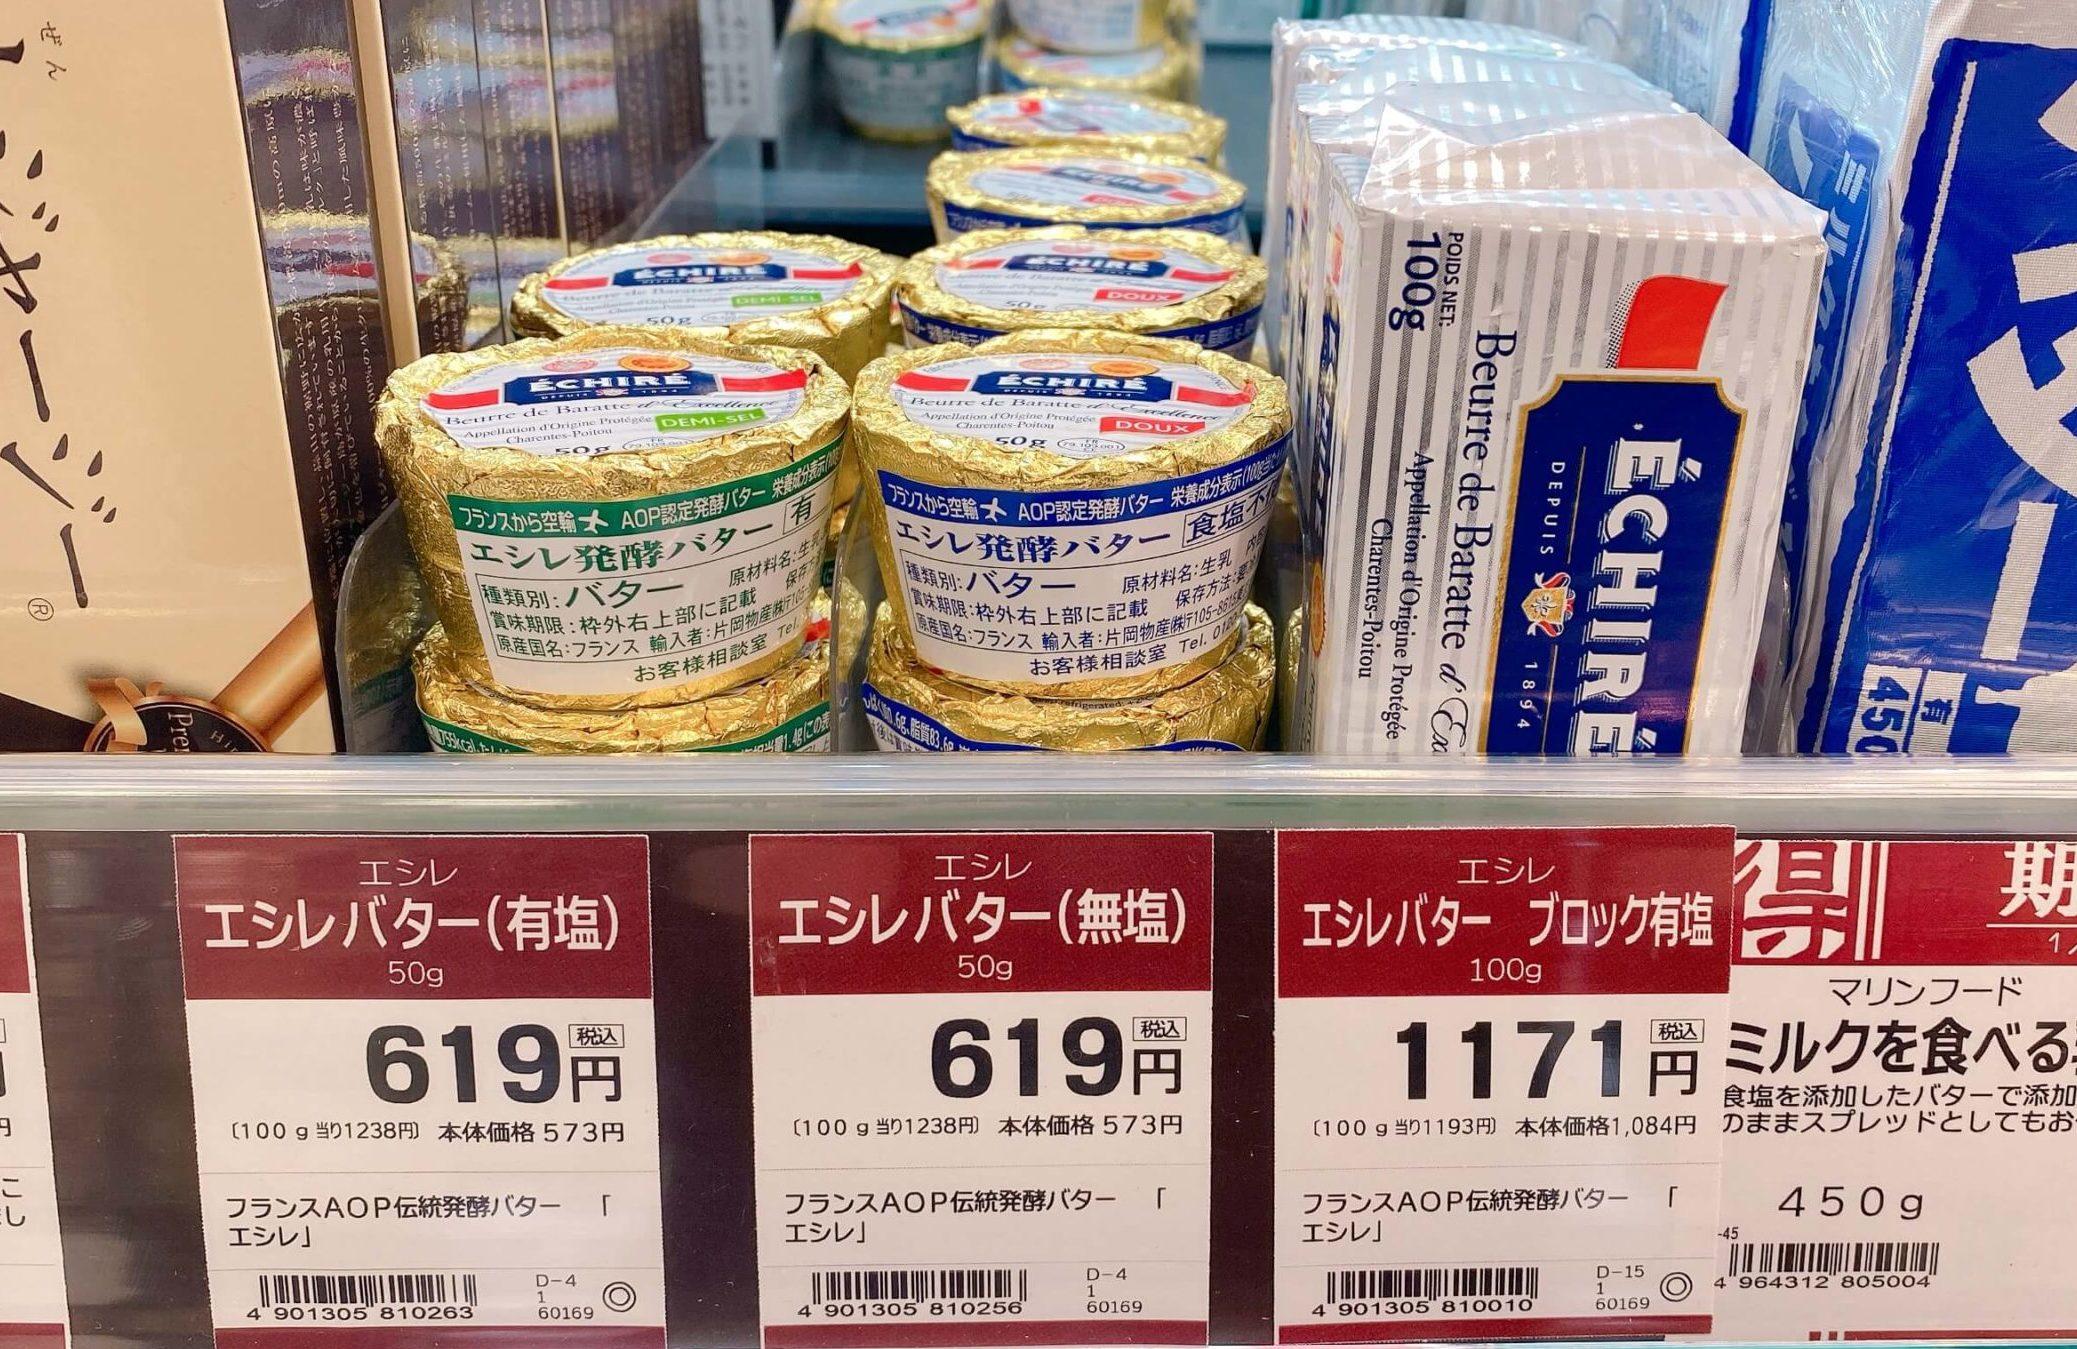 日本でエシレバターを発見